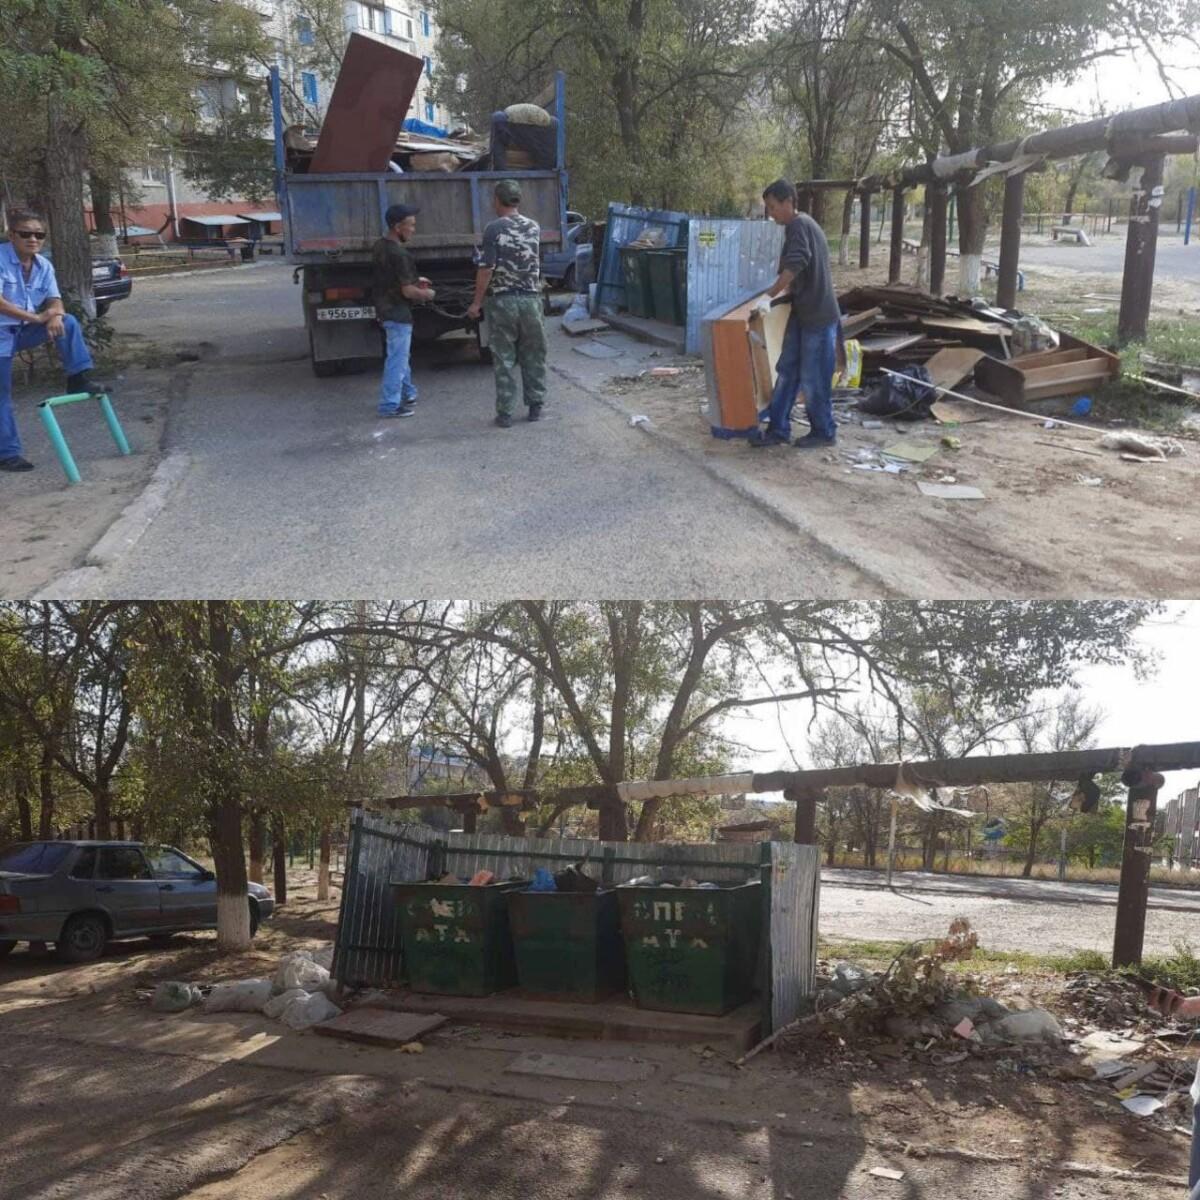 Продолжается кампания по приведению в нормативное соответствие площадок для сбора твердых коммунальных отходов «Чистый четверг».